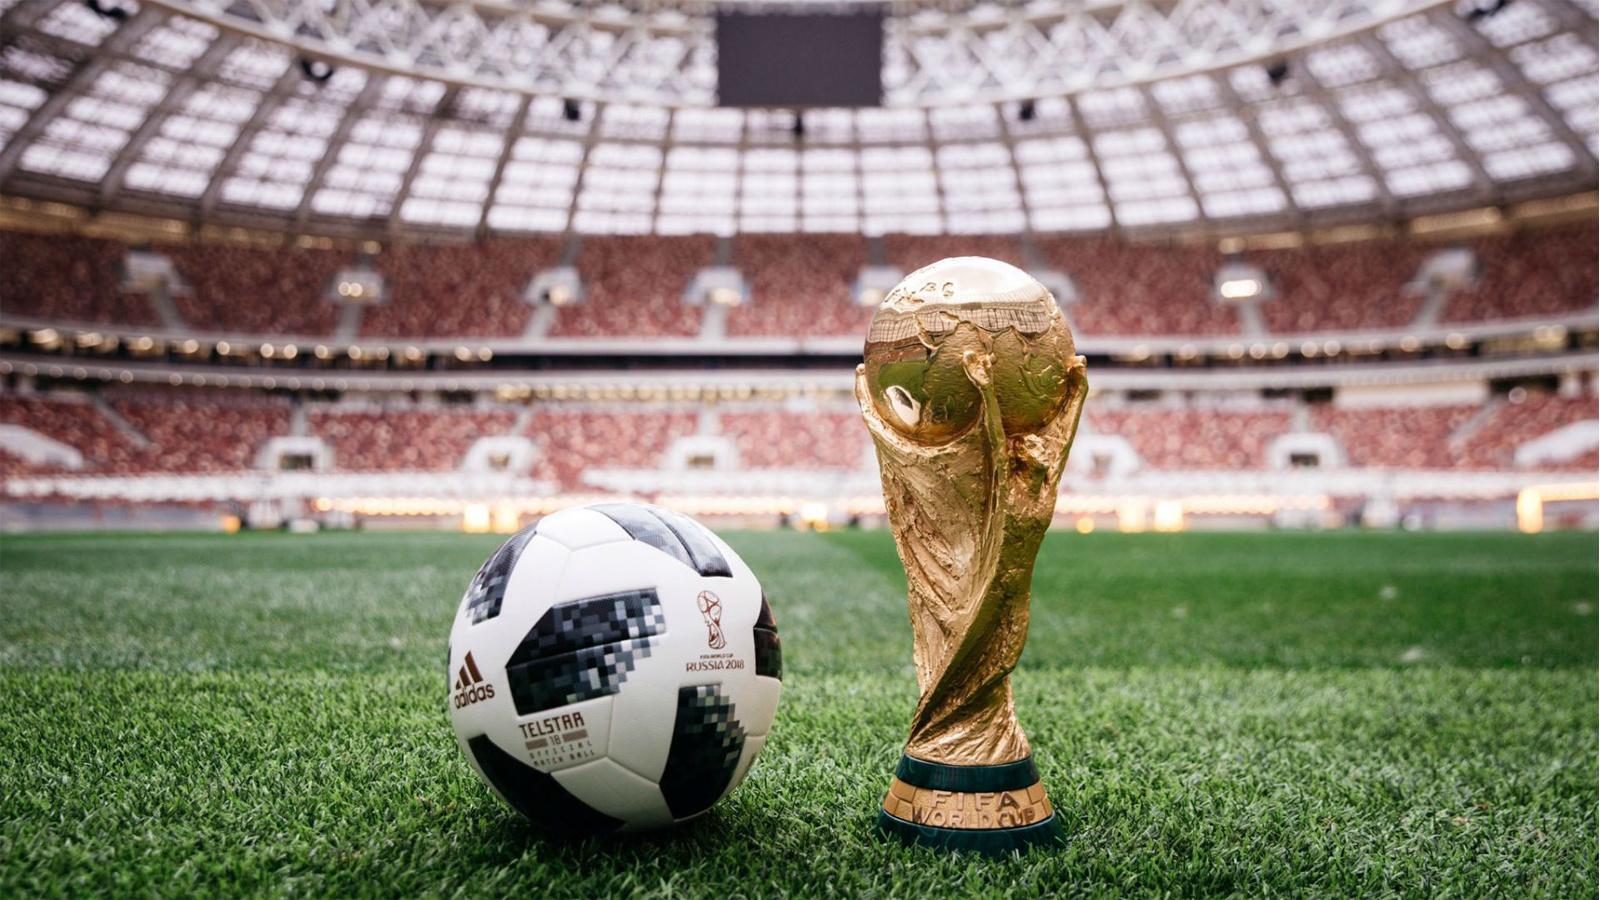 俄羅斯世界盃用球公佈了,這讓我想起在《FIFA 2002》裡踢的飛火流星